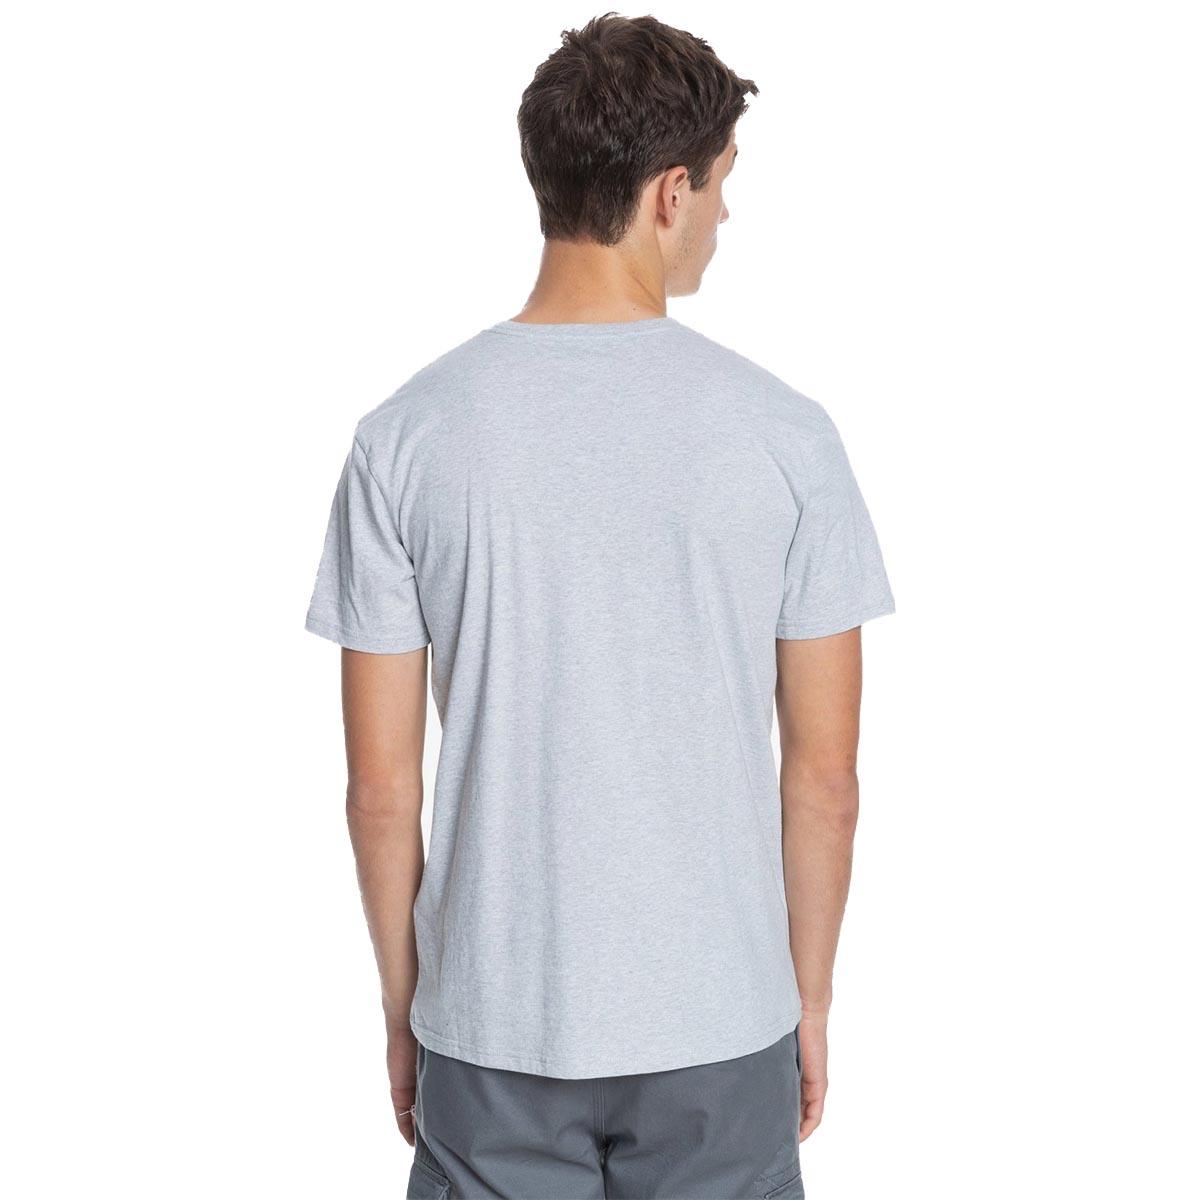 Quiksilver Dıstant Shores SS T-Shirt EQYZT06323-SGRH